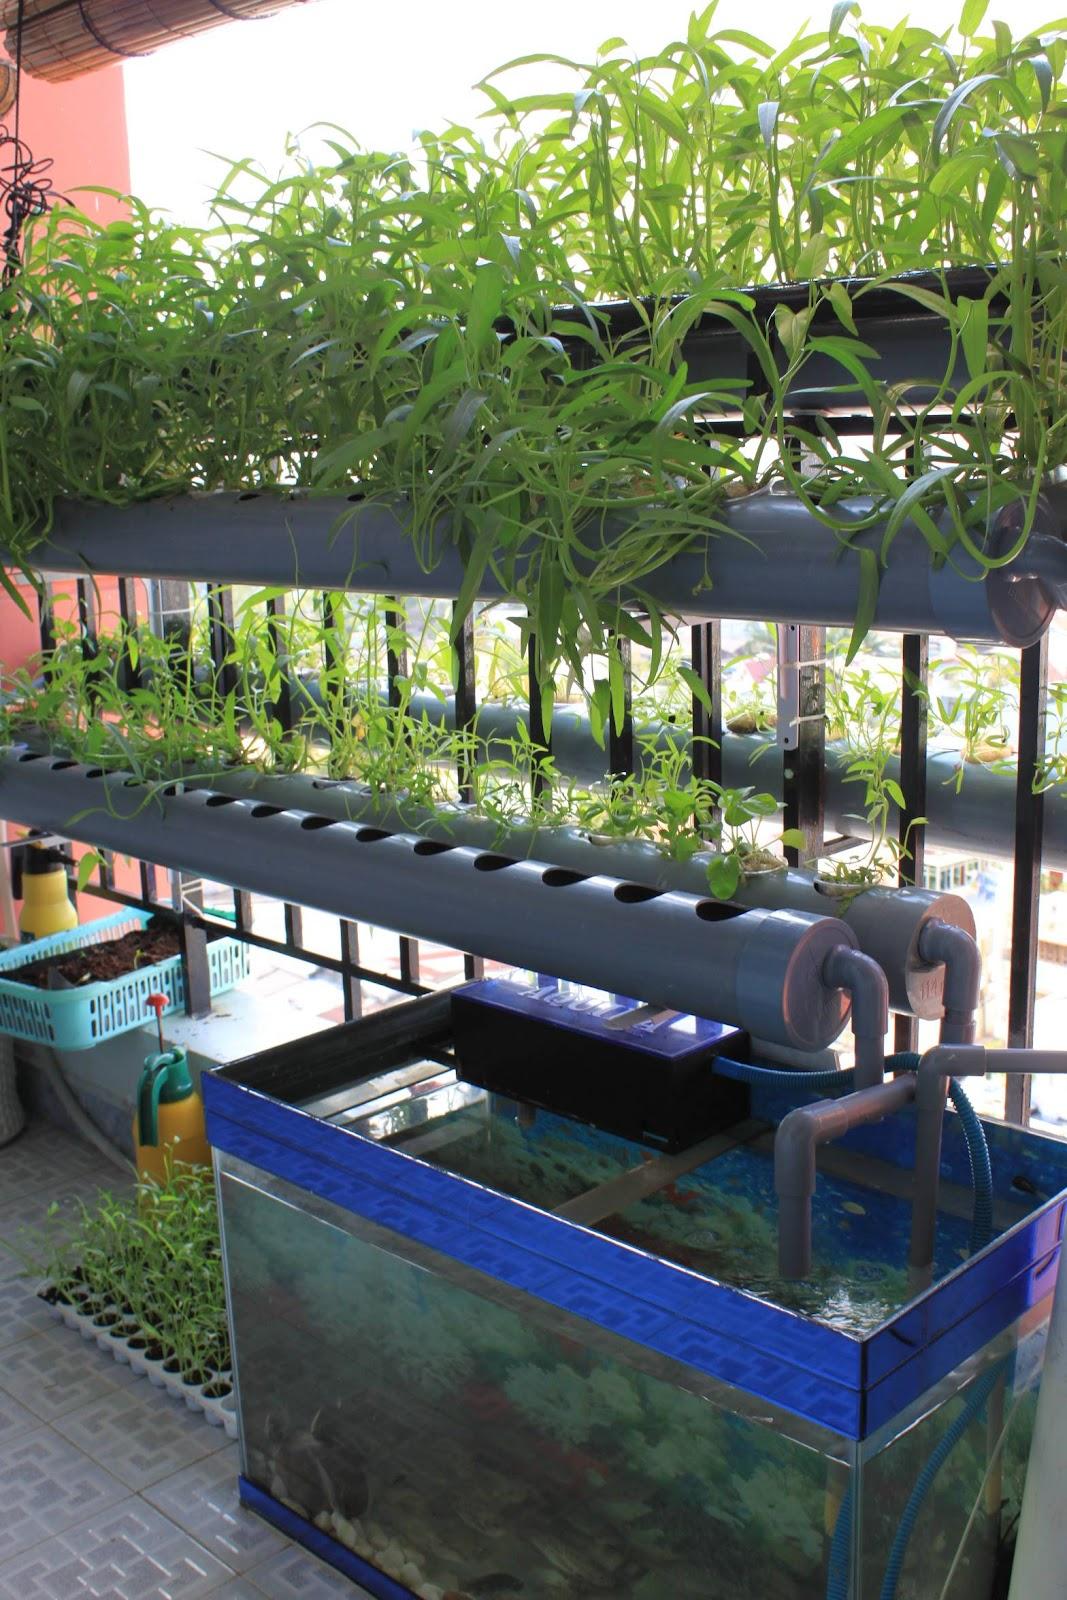 N ng tr i xanh h th ng h p canh ban c ng balcony for Balcony aquaponics